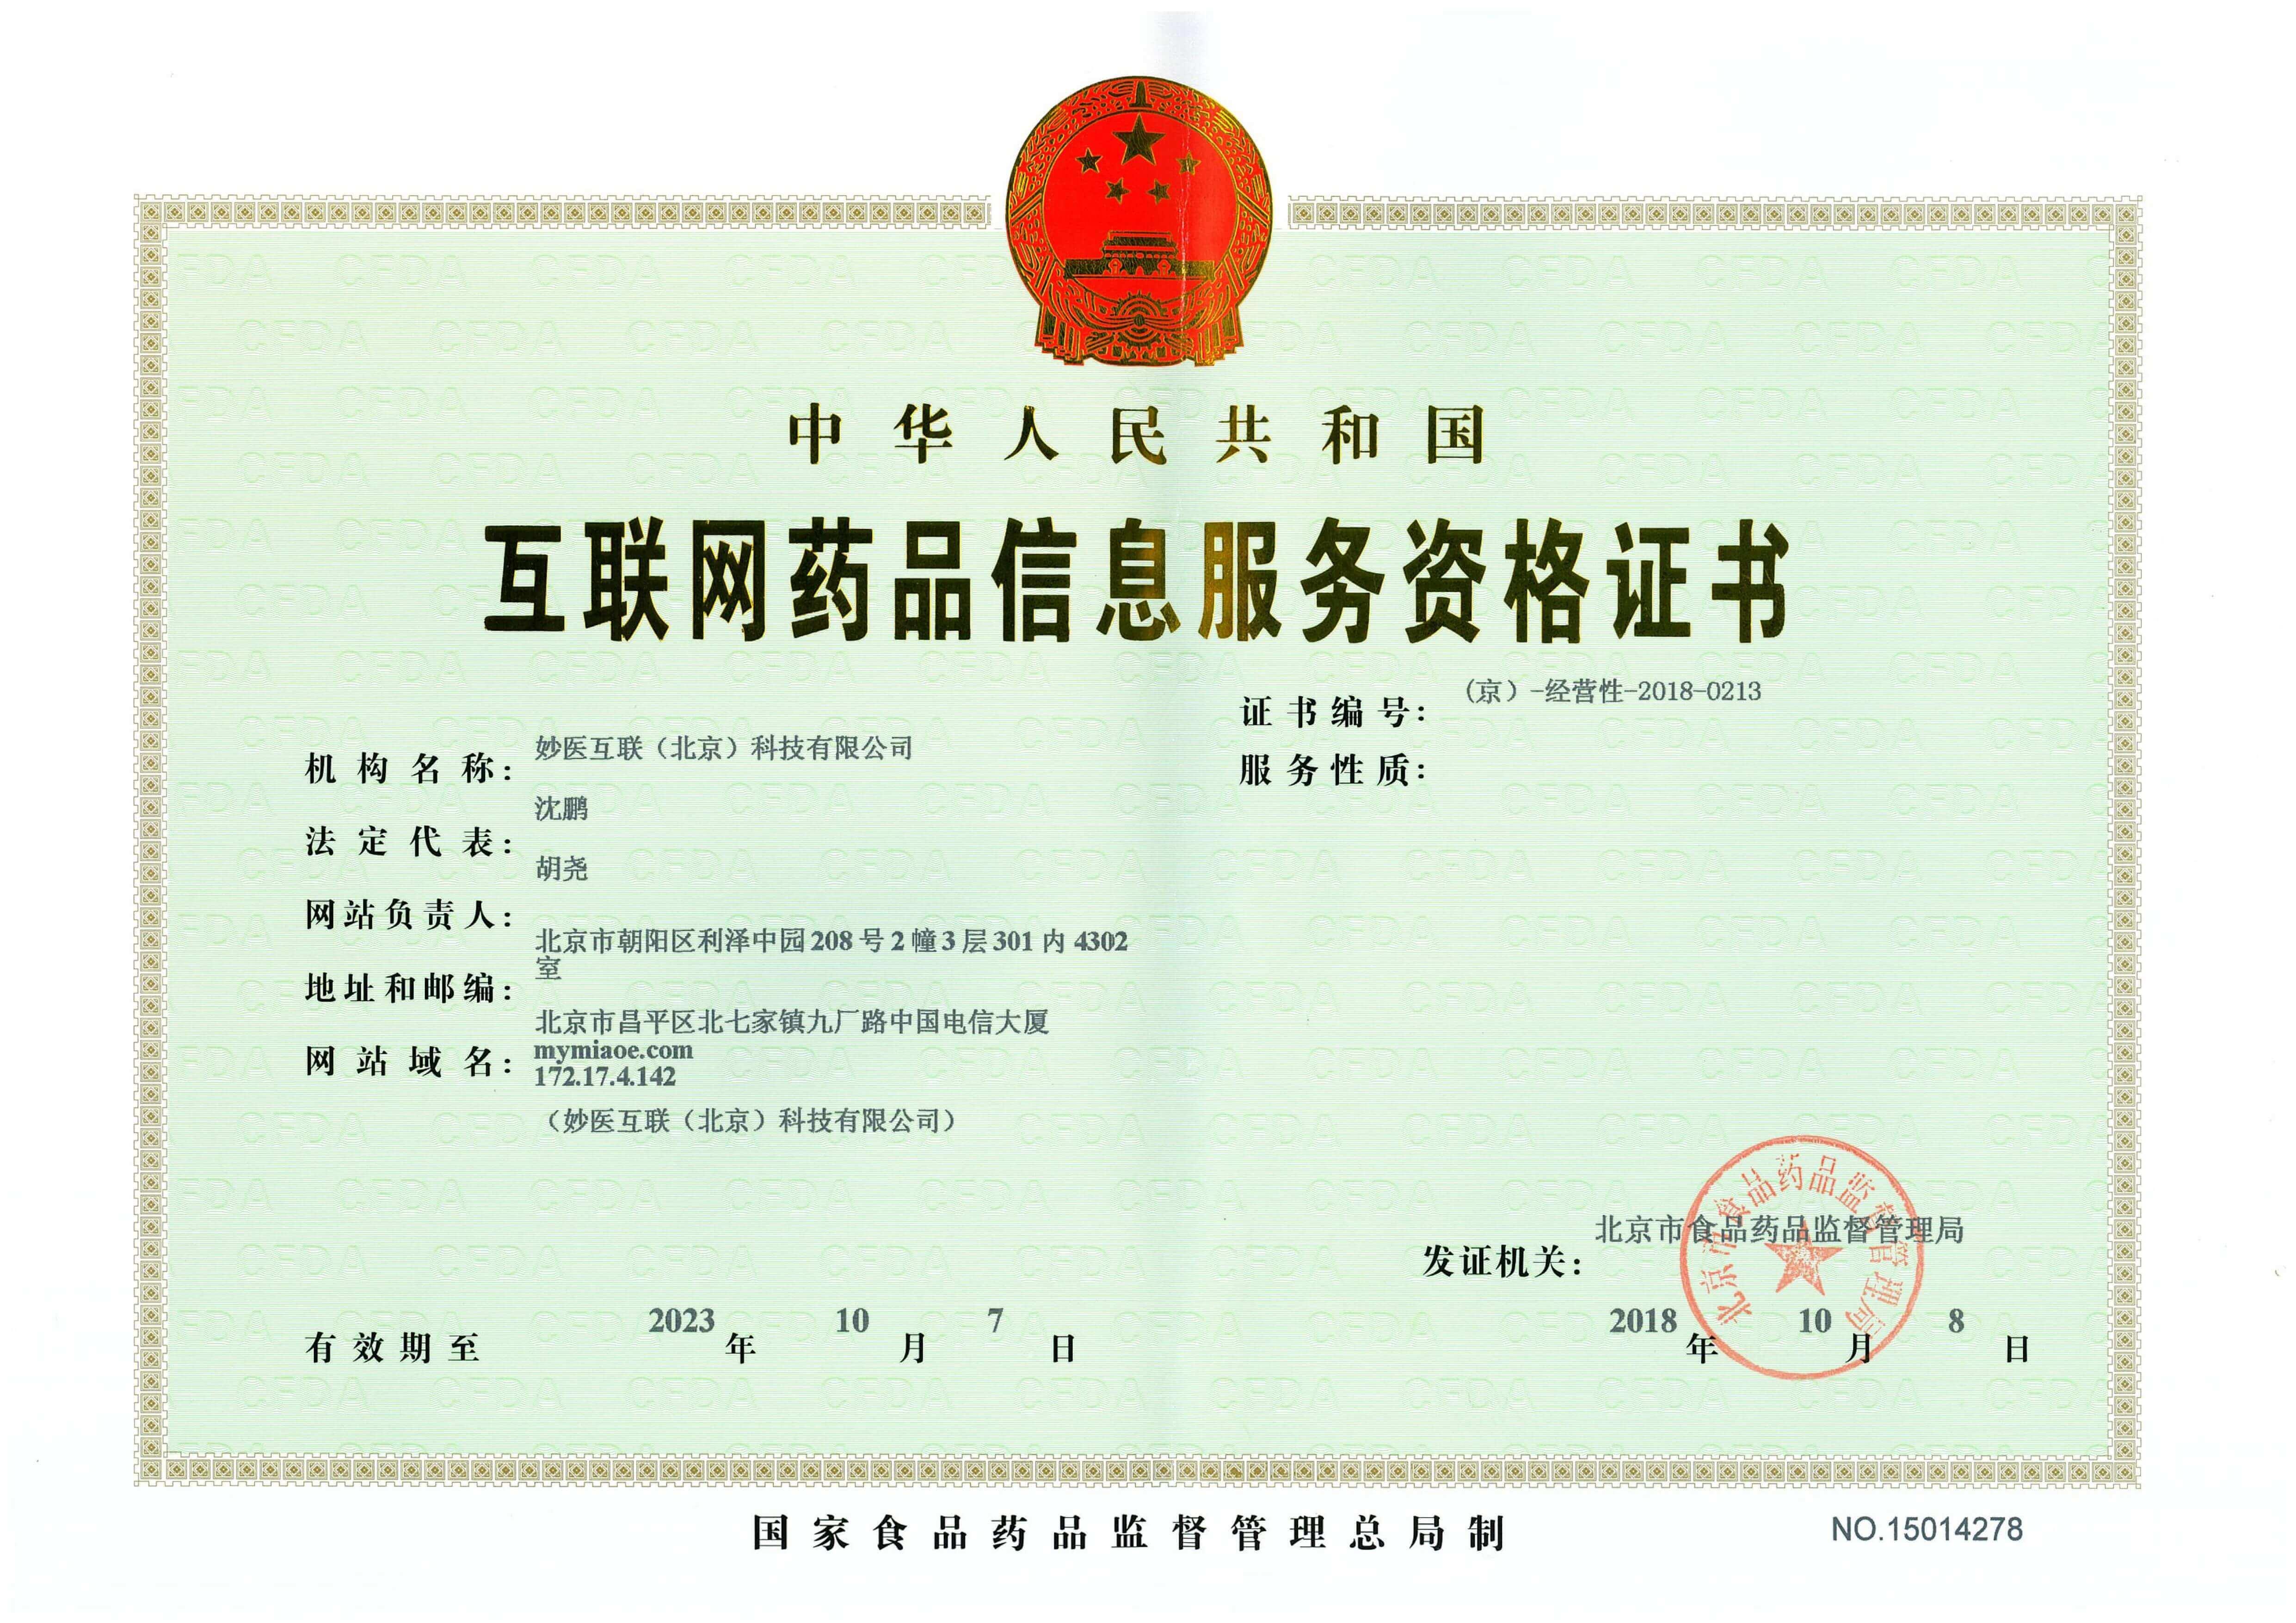 国家药监局(京)-经营性-2018-0213